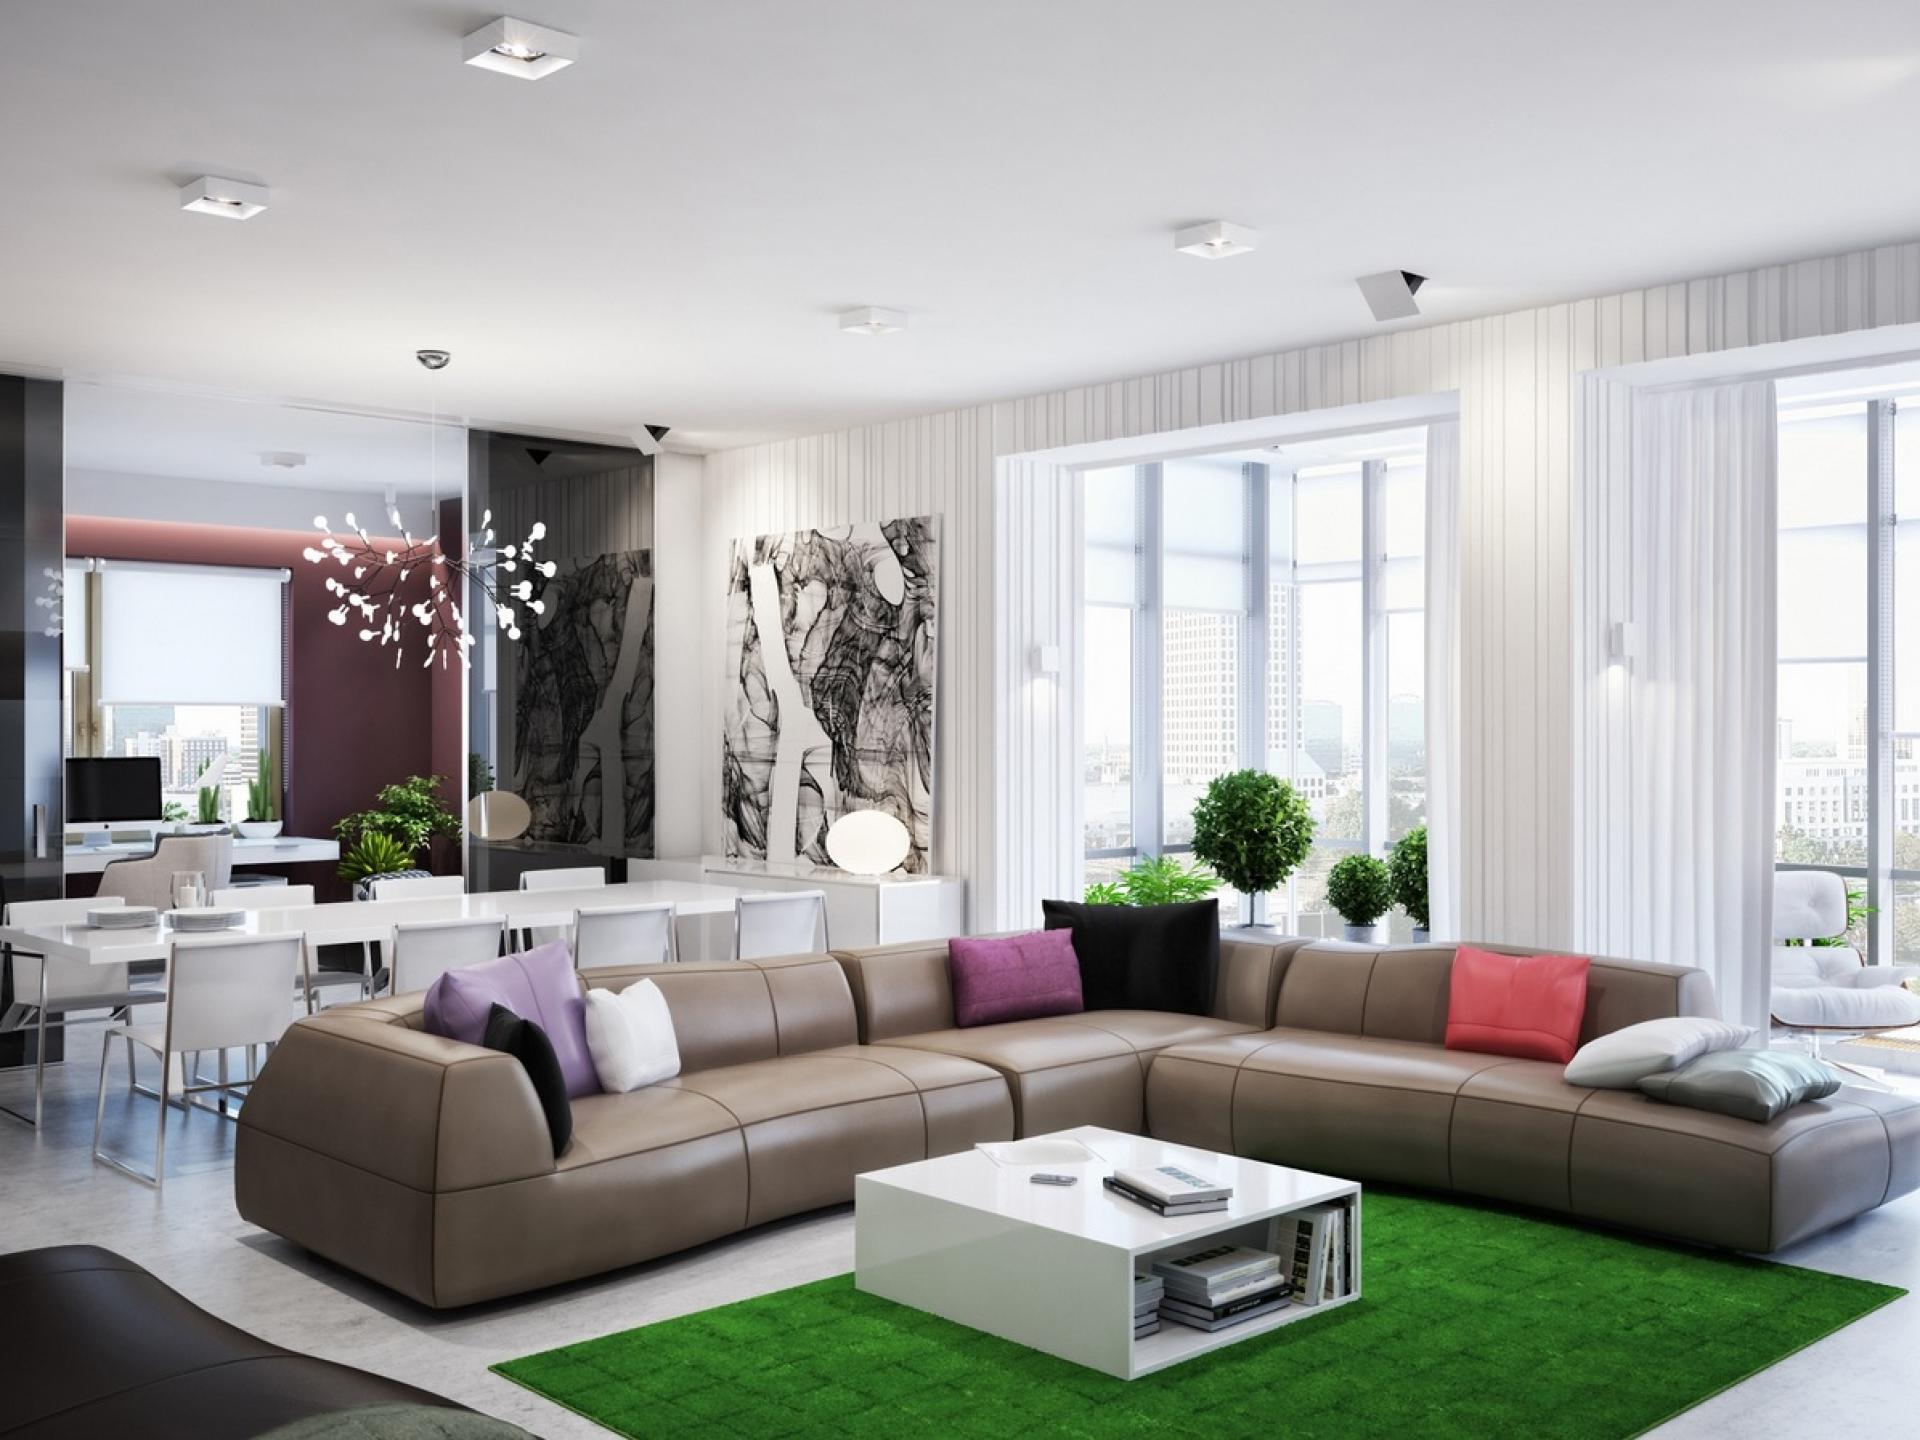 этого его дизайн квартир в стиле модерн фото читали меня